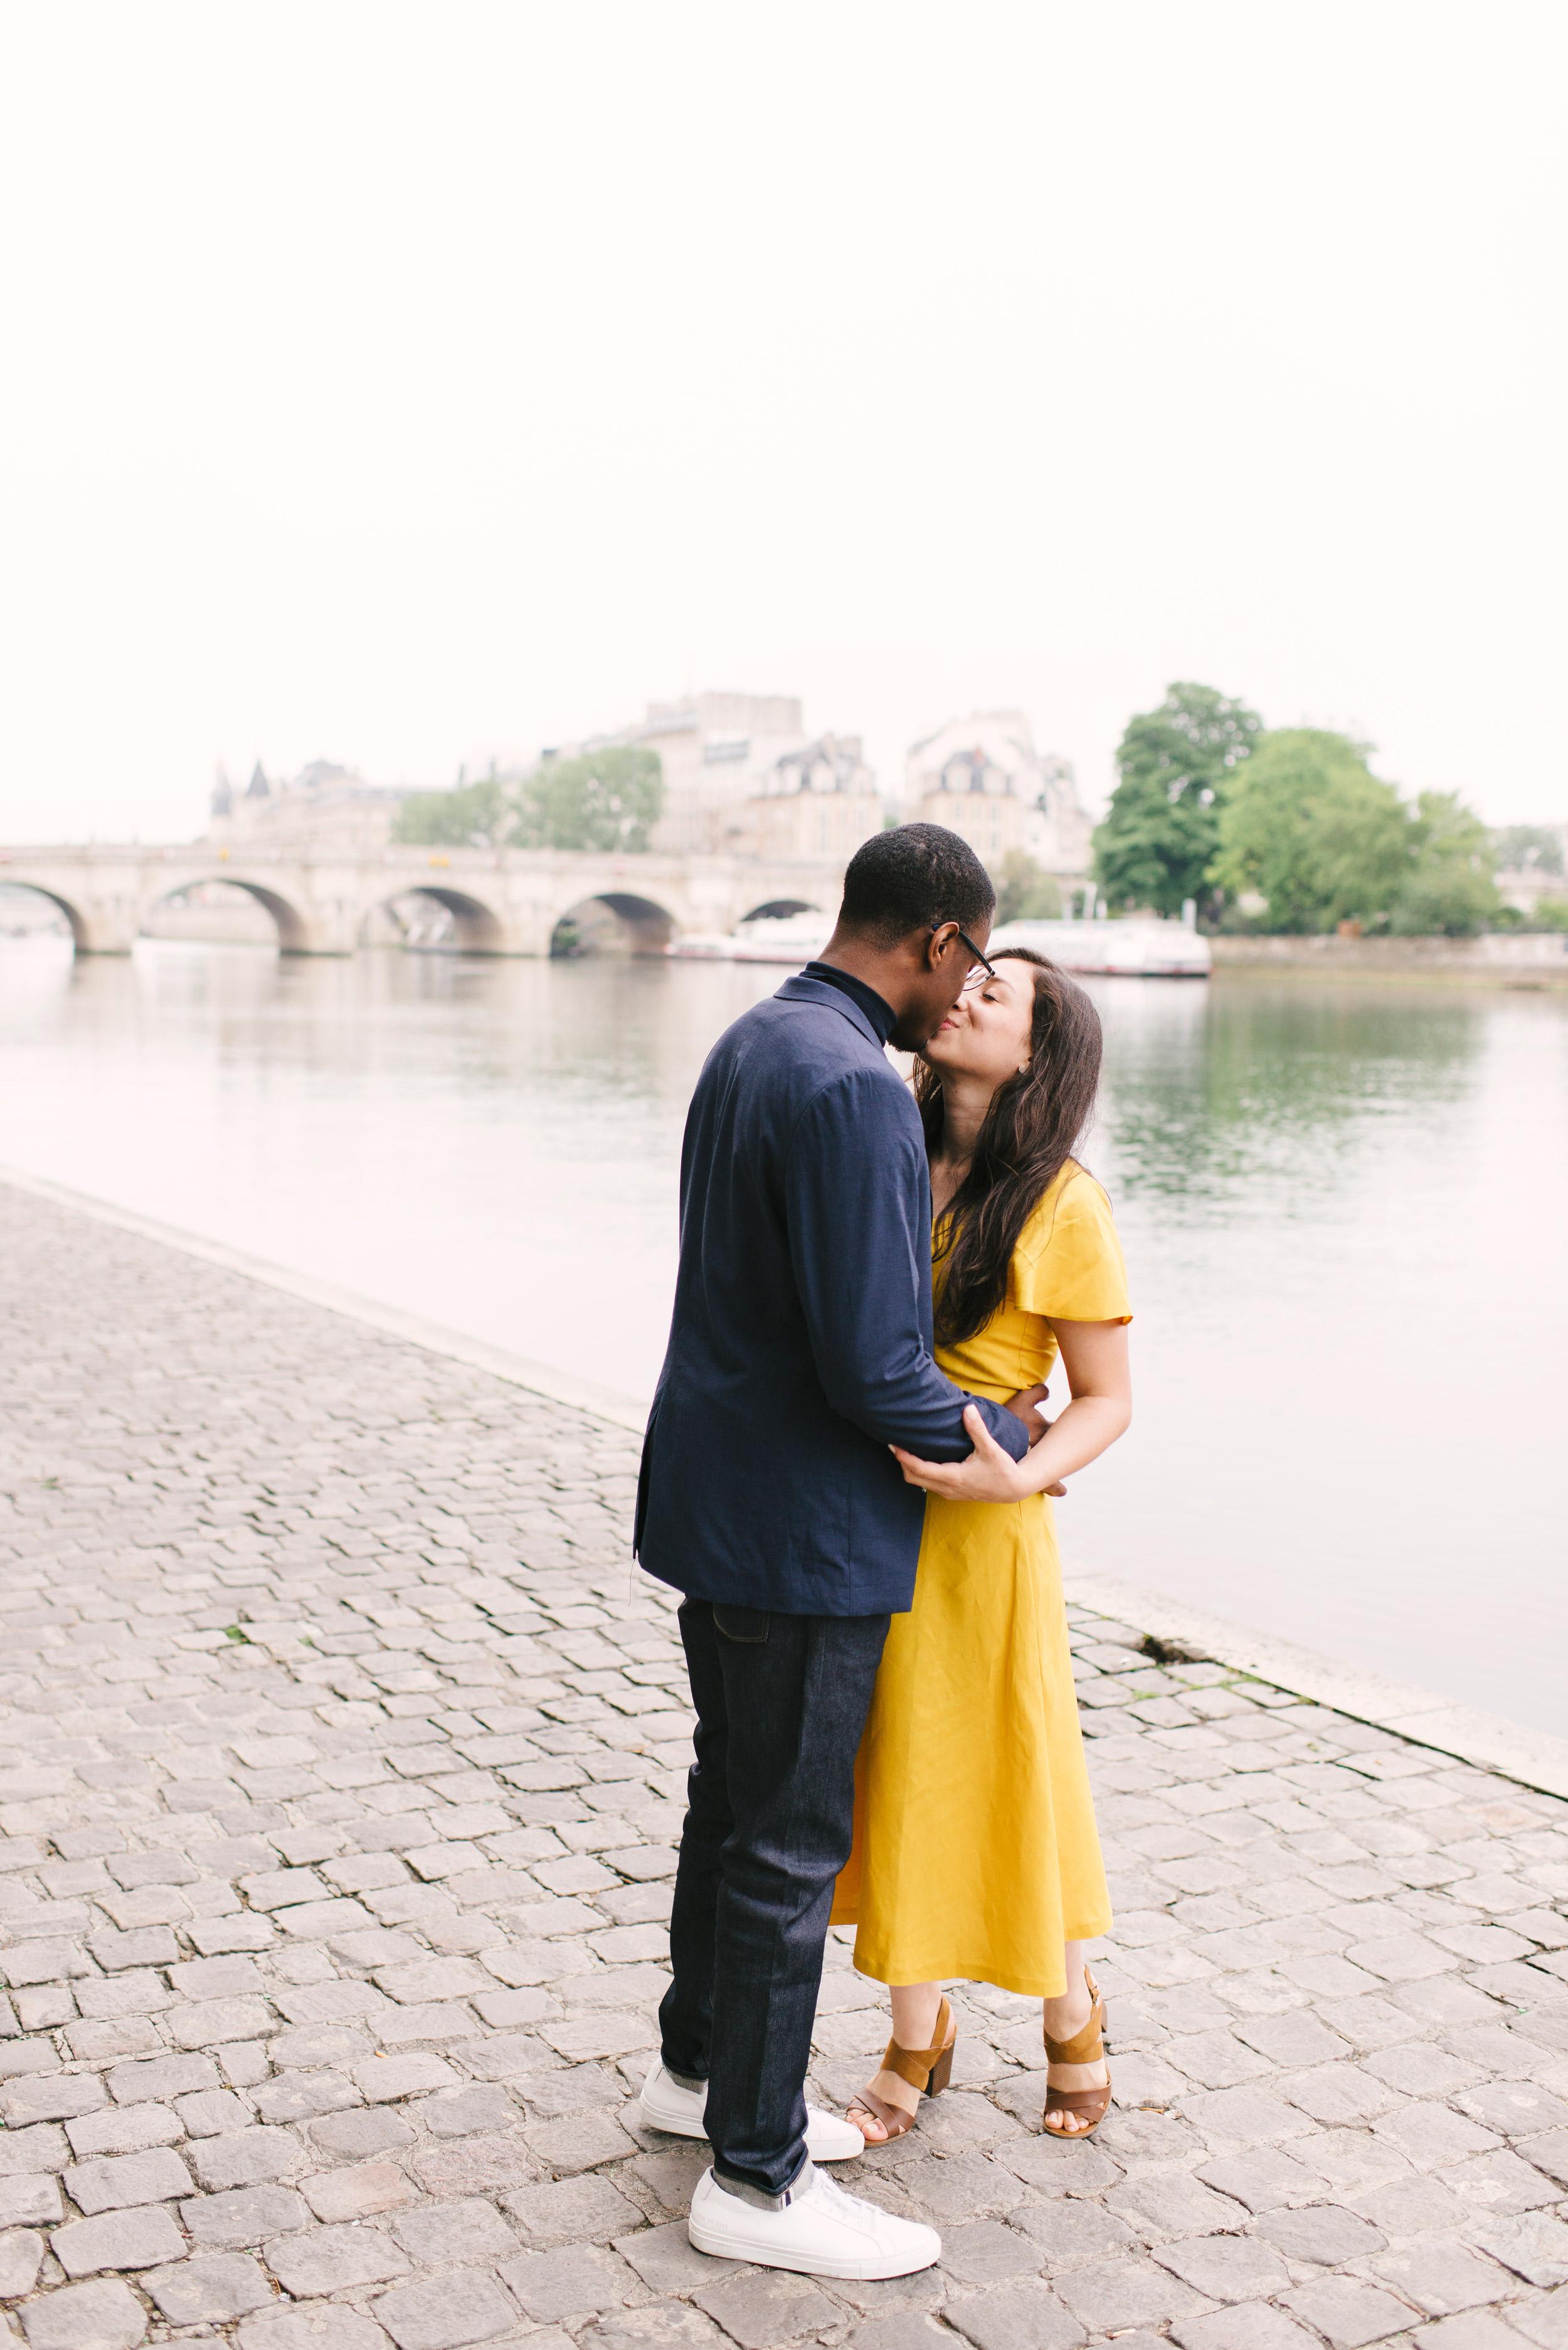 Couple-photoshoot-Paris-Pont-des-arts-Louvre-PalaisRoyale-011.jpg